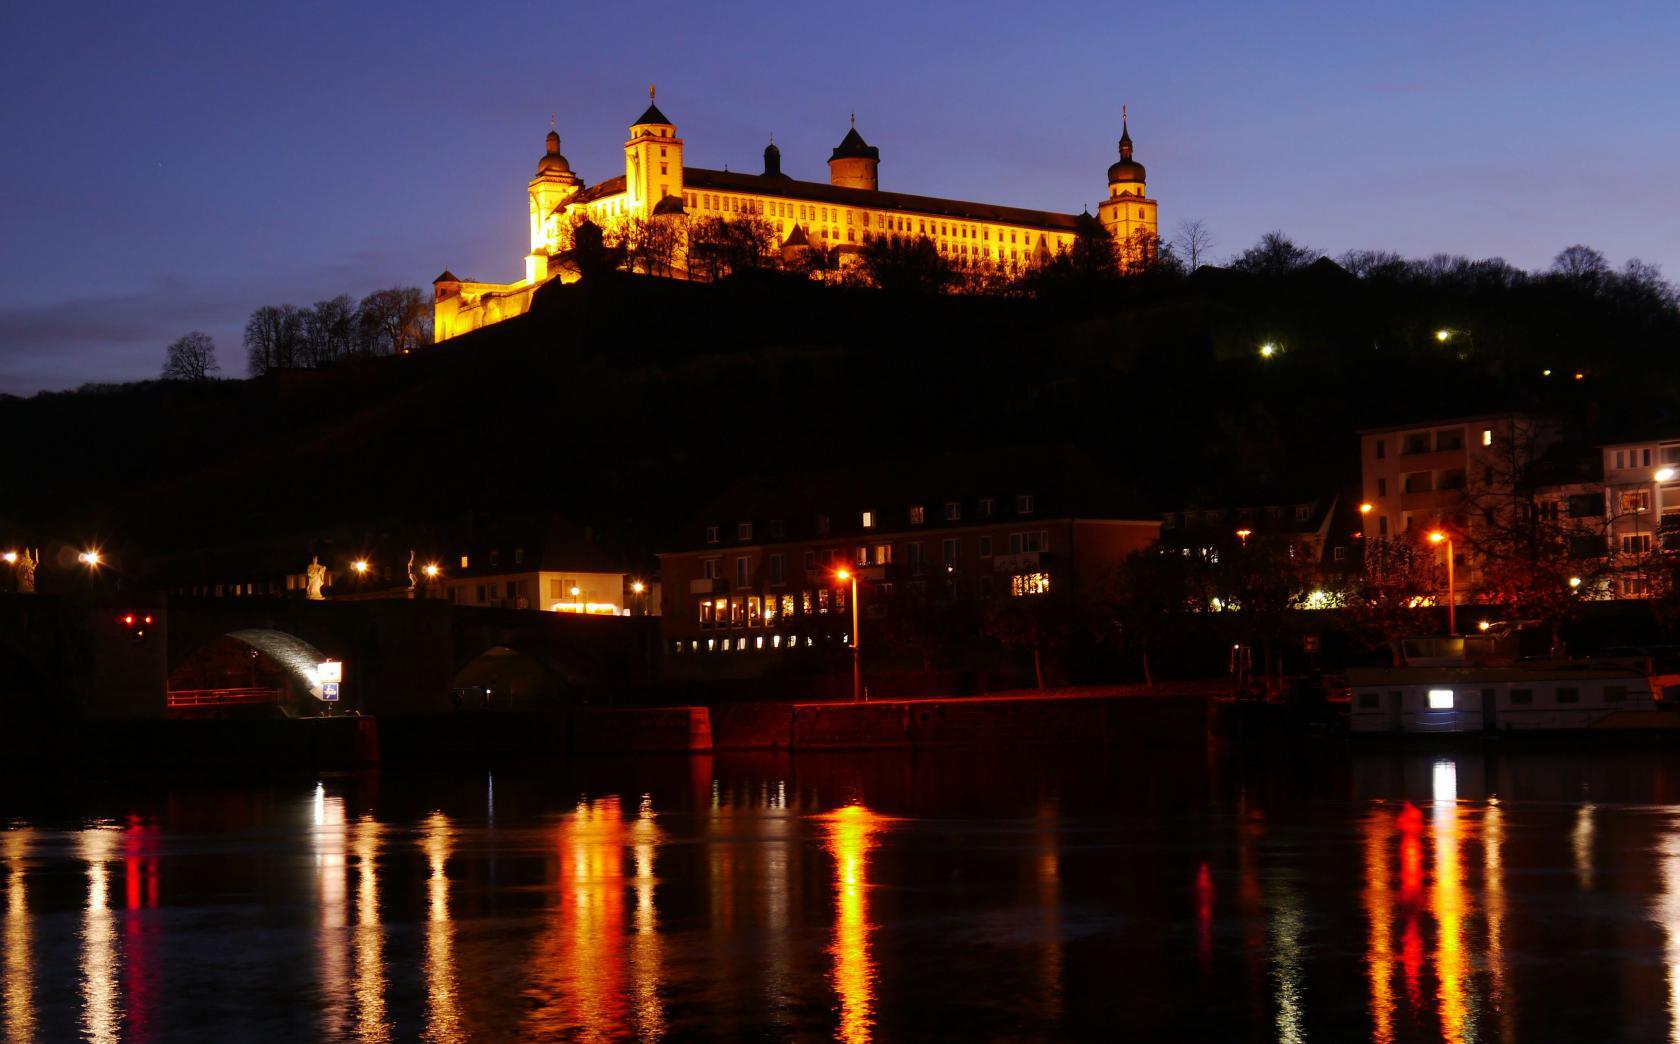 Feste Marienberg oberhalb von Würzburg bei Nacht